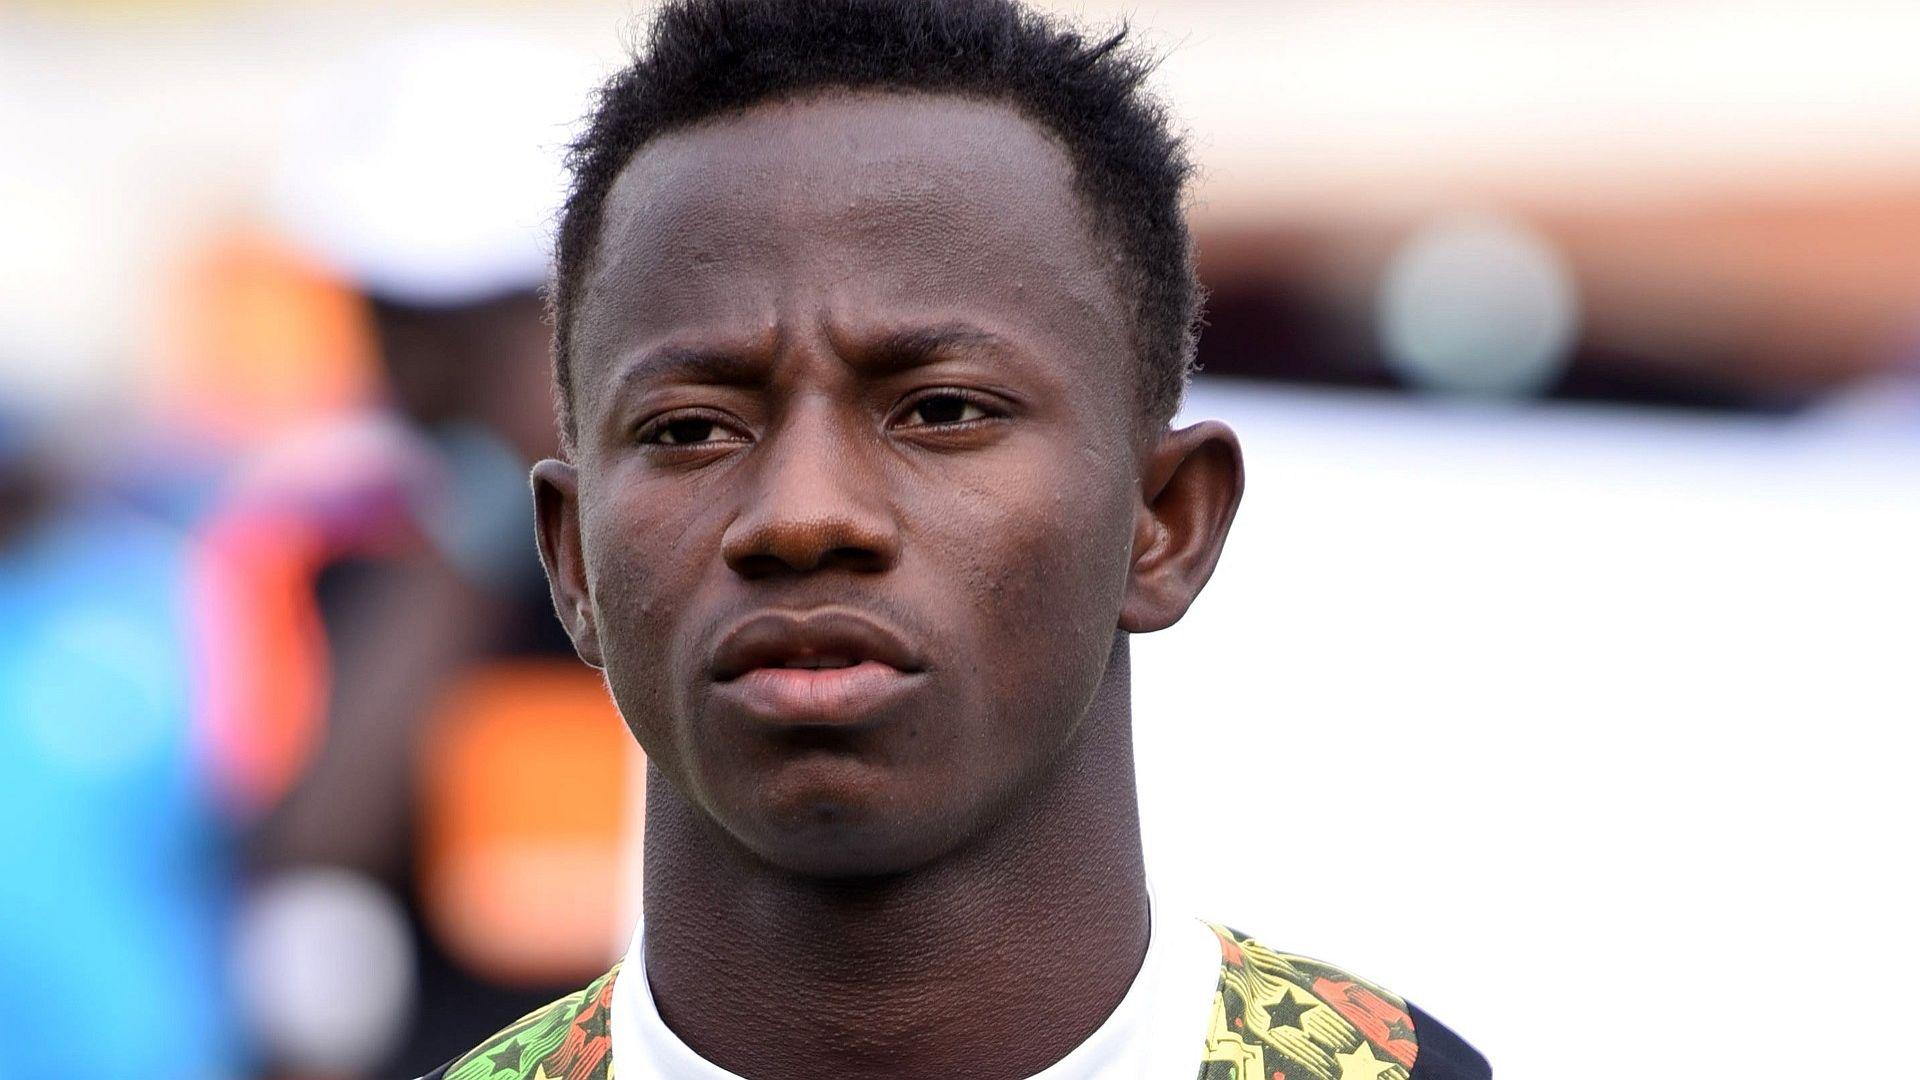 U23 Afcon: Ghana braced for battle- Yaw Yeboah